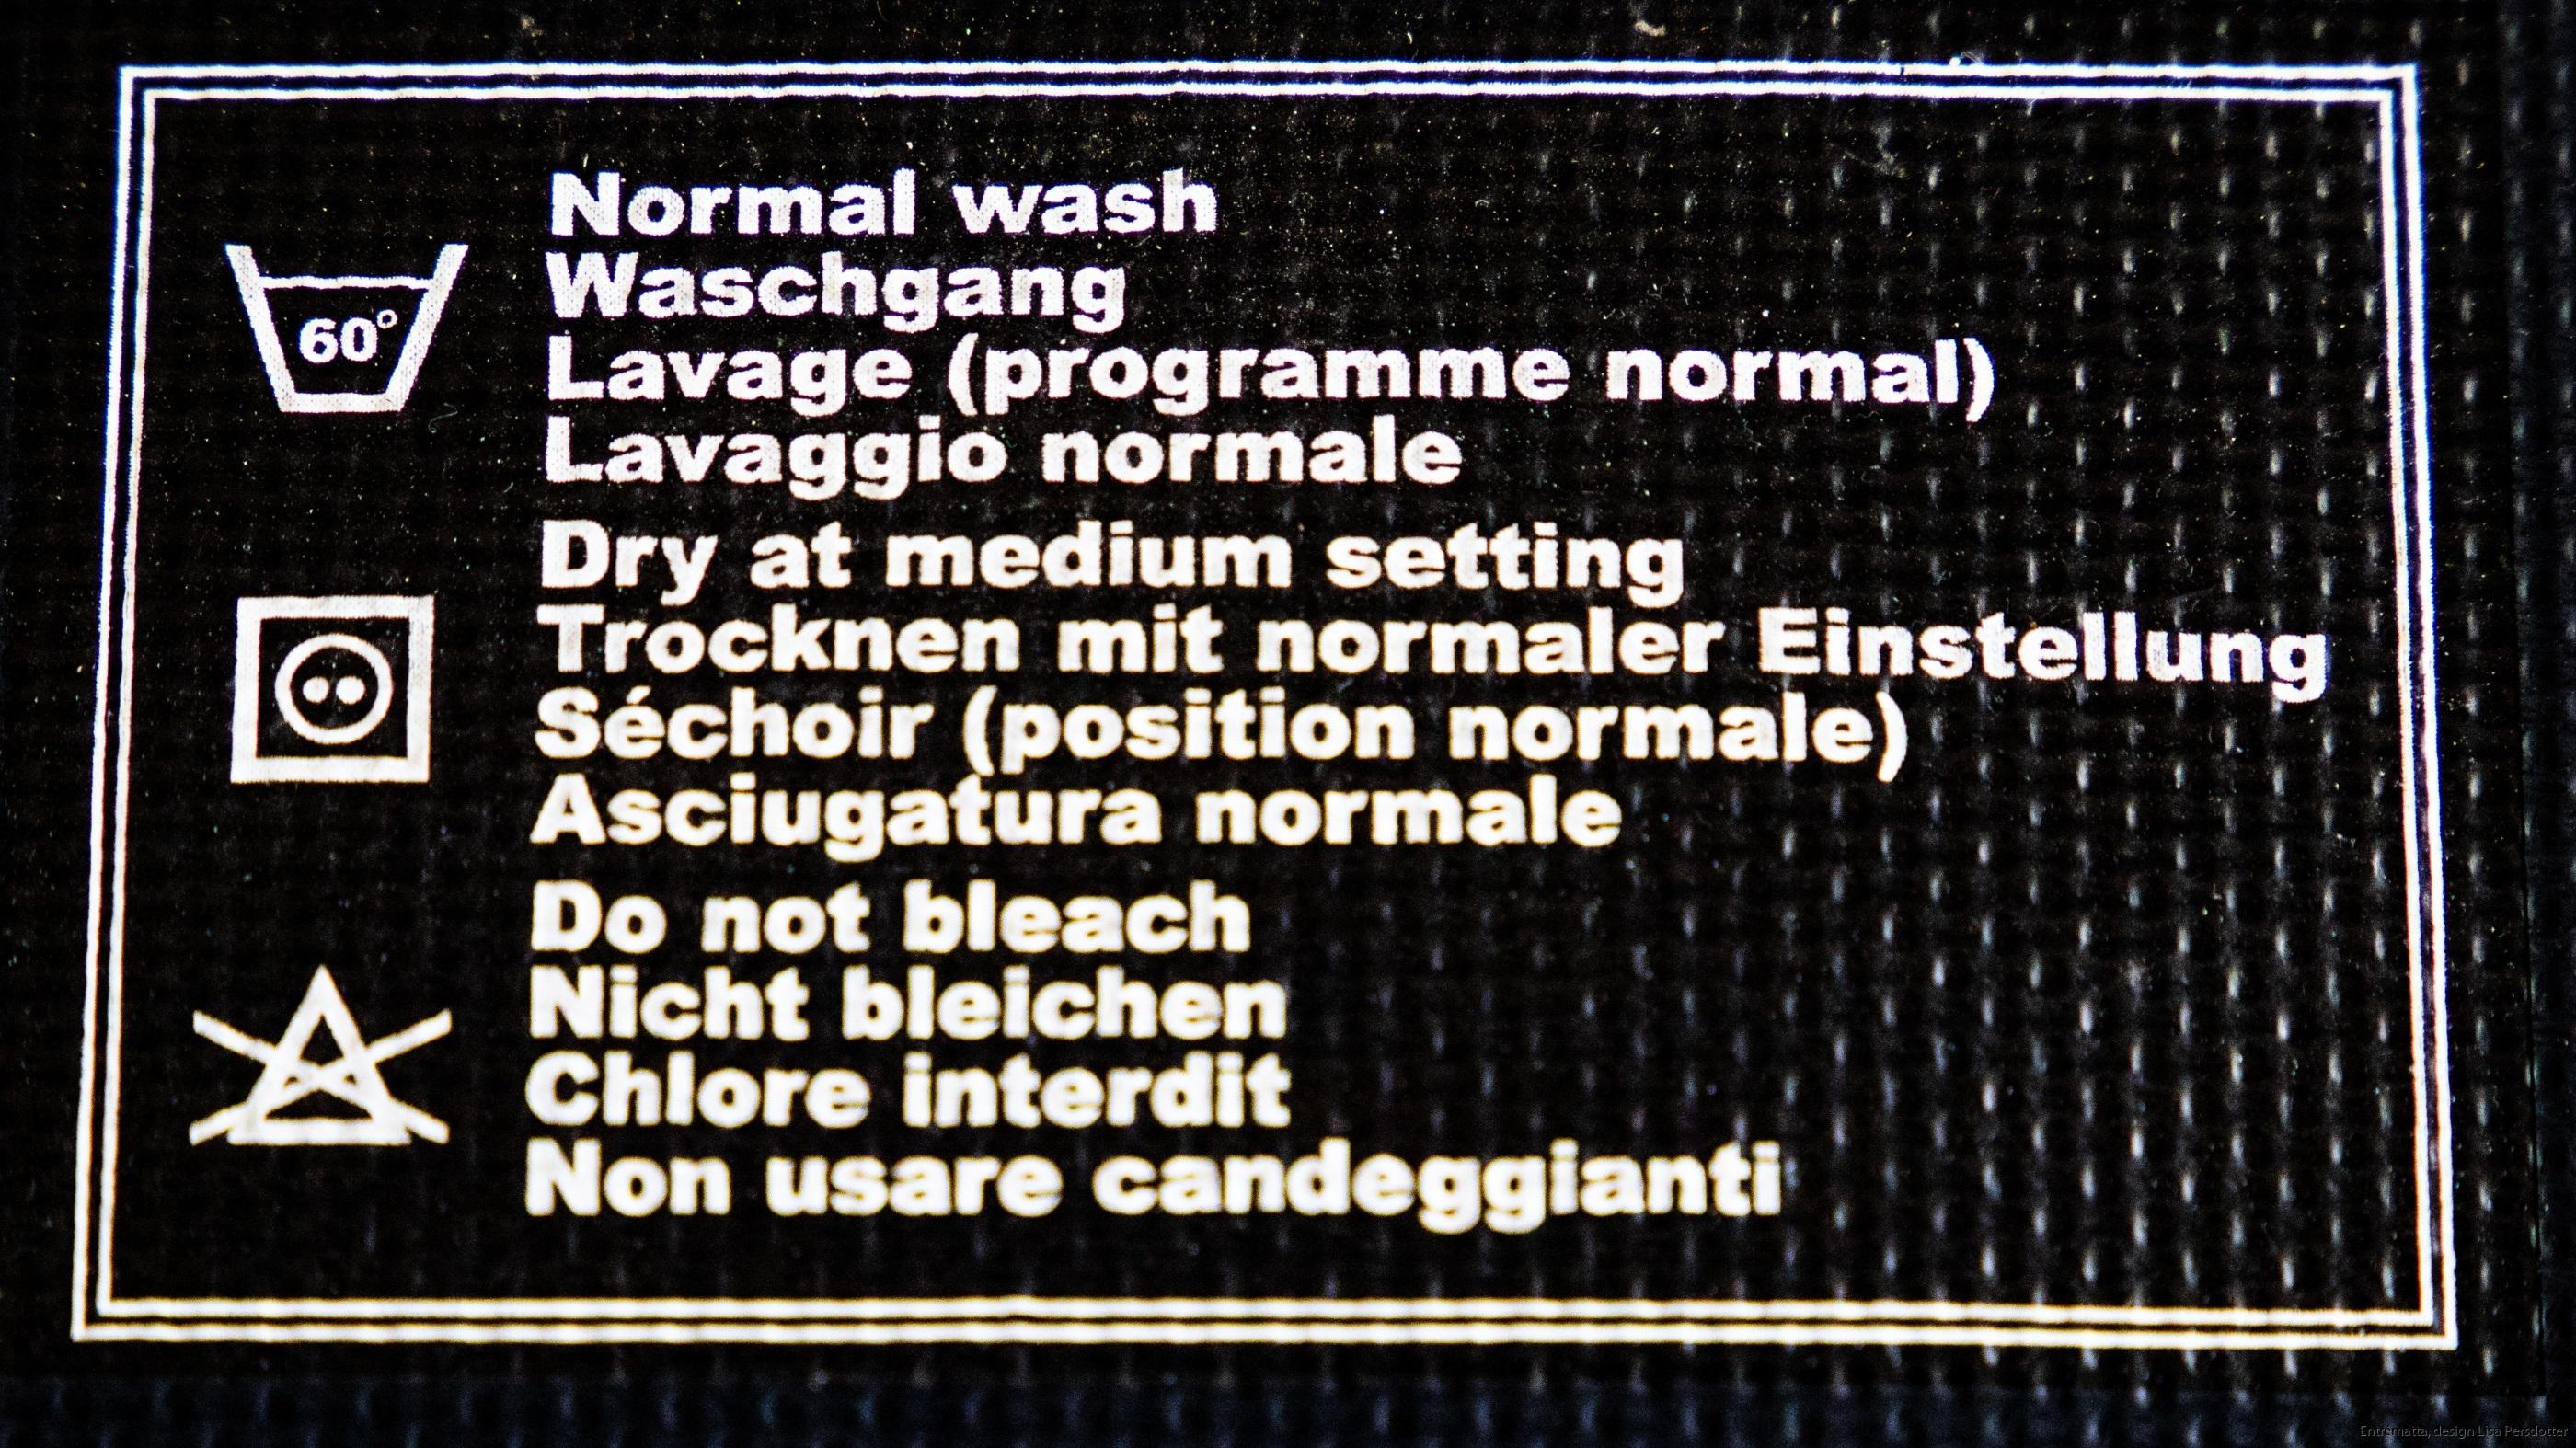 tvätt 60 grader maskin